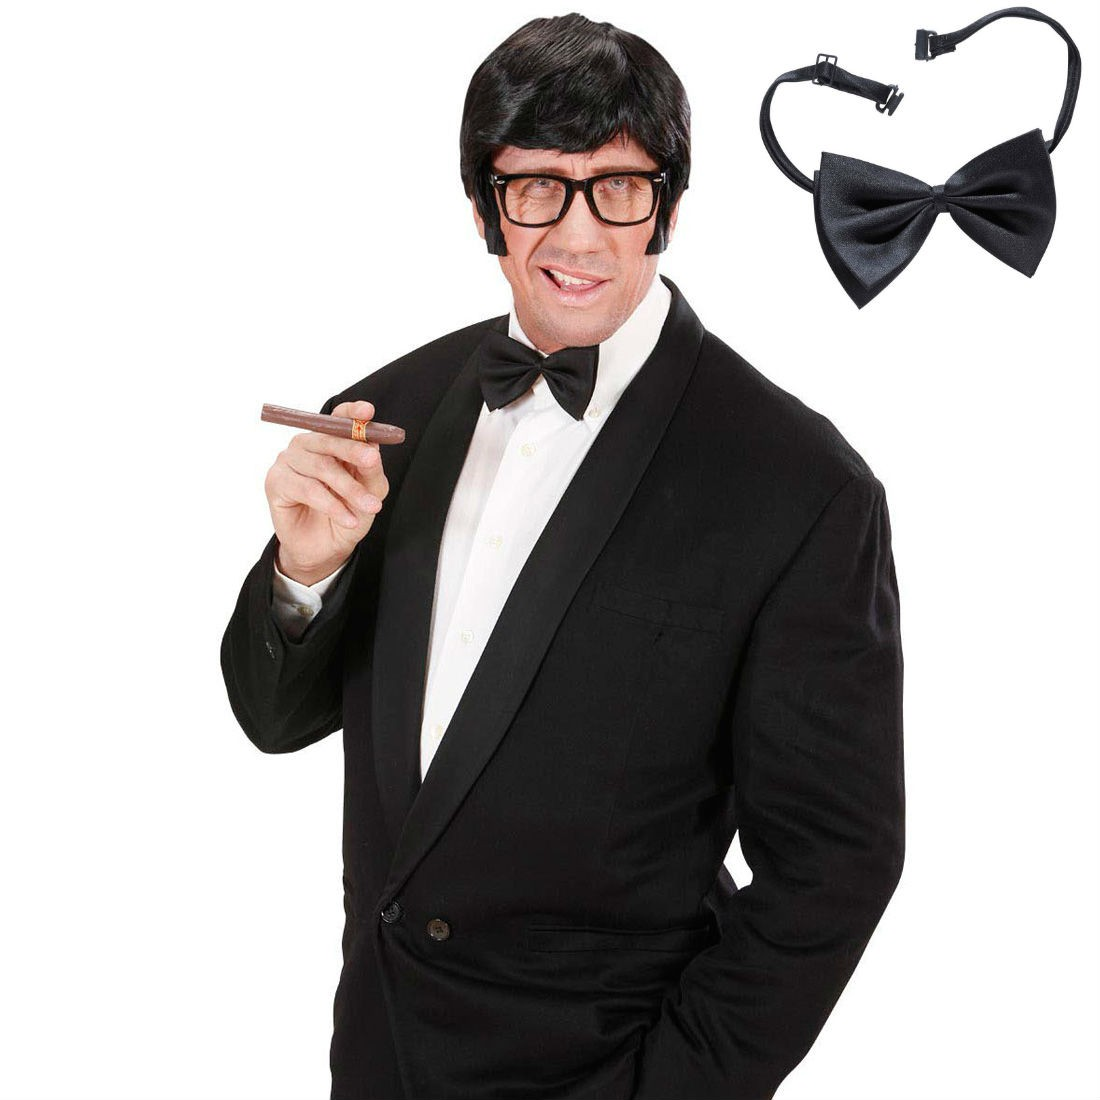 tragen schwarze krawatte